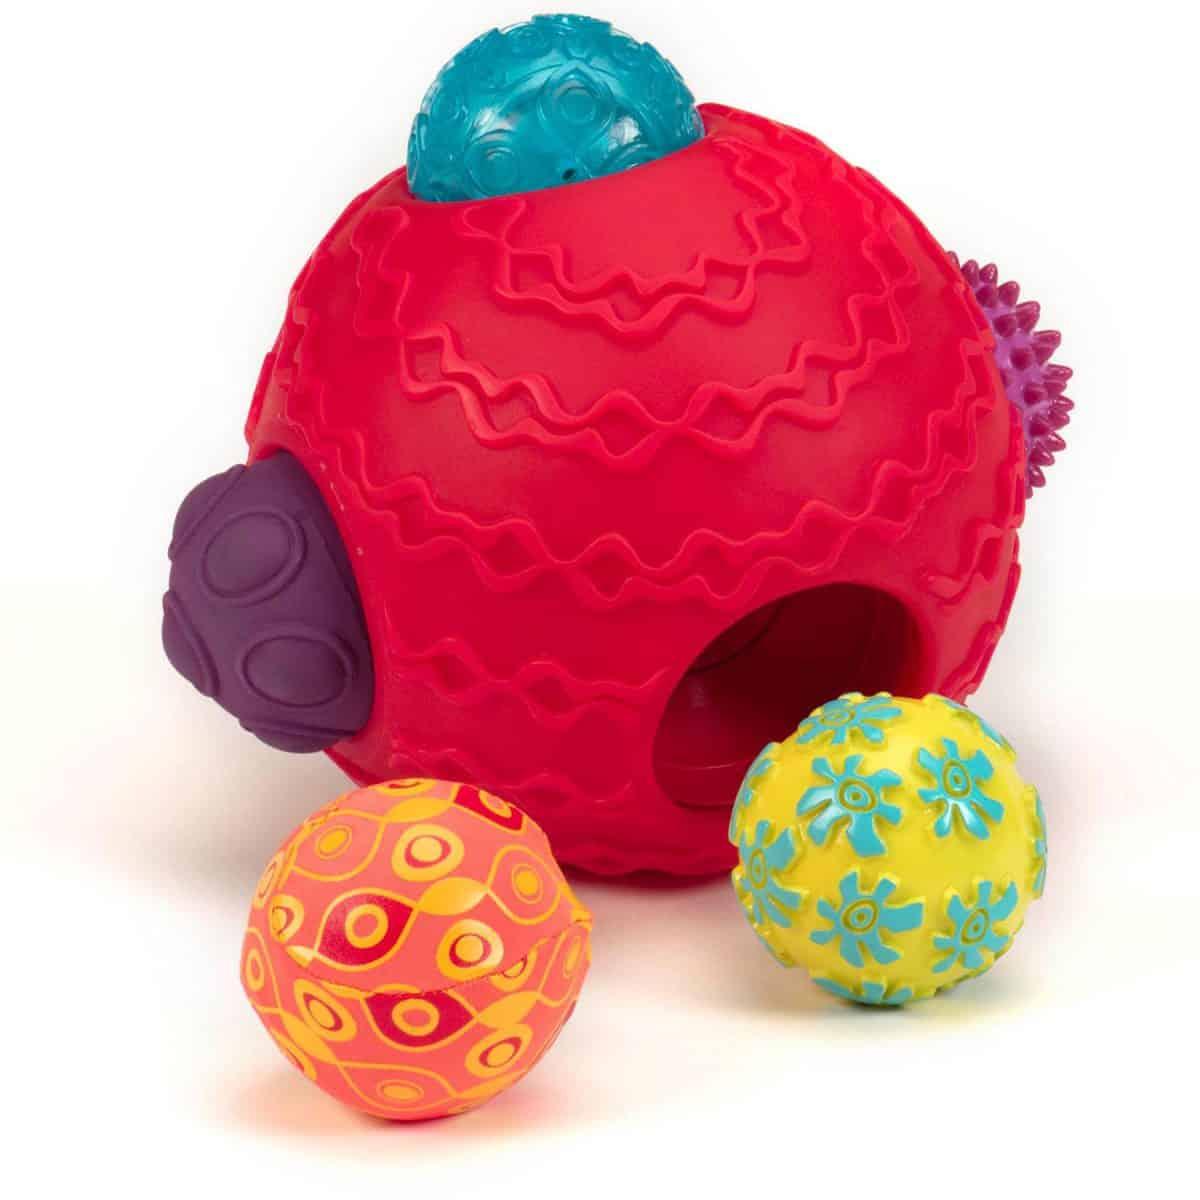 Balles Sensorielles Pour Bébé Ballyhoo Par B. - Achat En Ligne intérieur Jeux De Balle Bebe